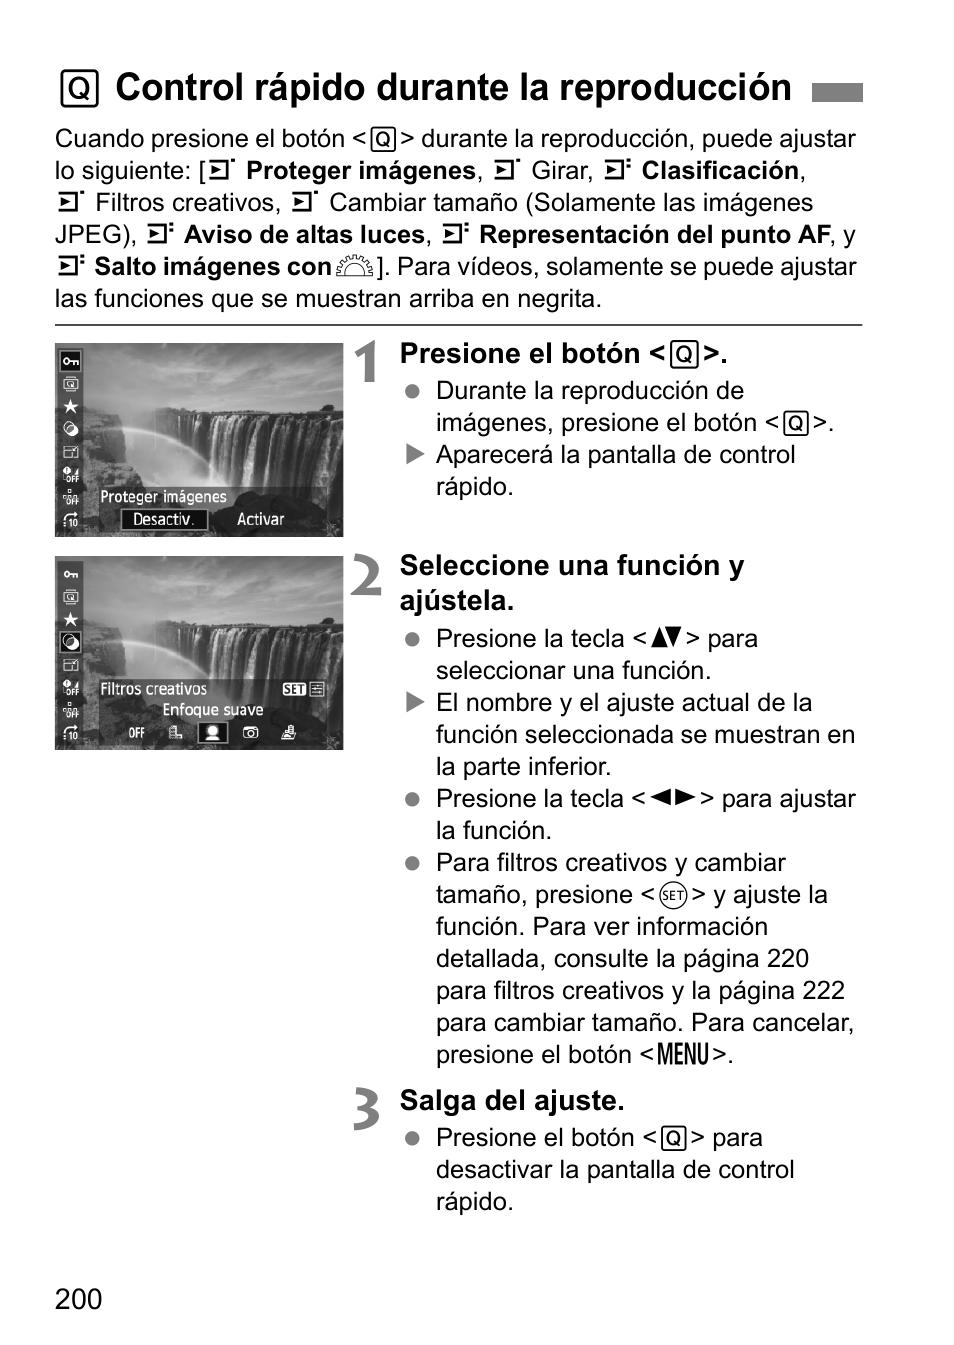 Q control rápido durante la reproducción   Canon EOS 60D Manual del usuario    Página 200